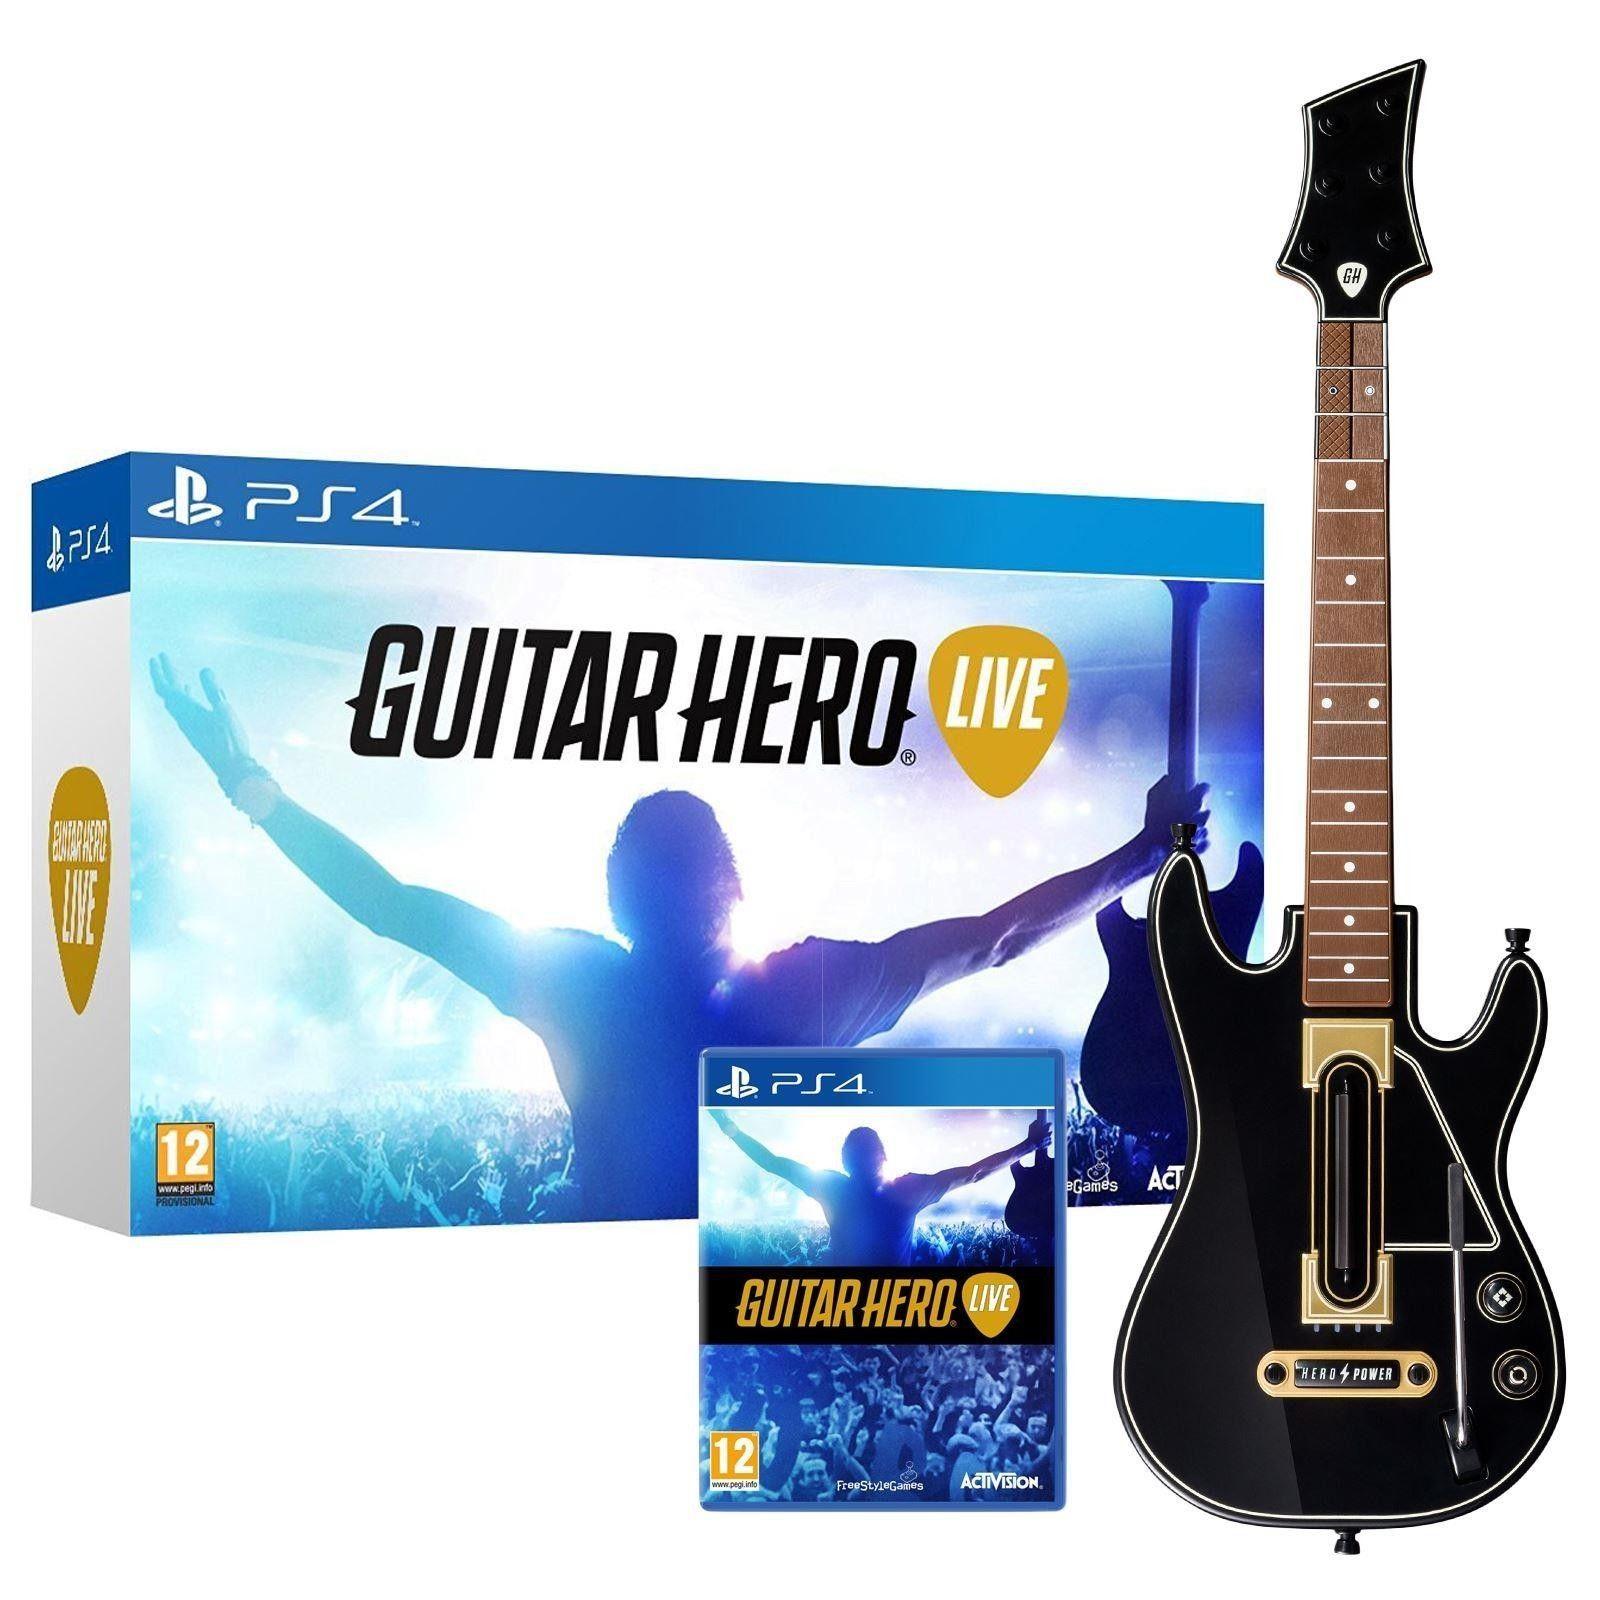 Sony Ps4 Guitar Hero Live Wireless Guitar Bundle Game Set Kit Playstation 4 Guitar Hero Live Guitar Hero Guitar